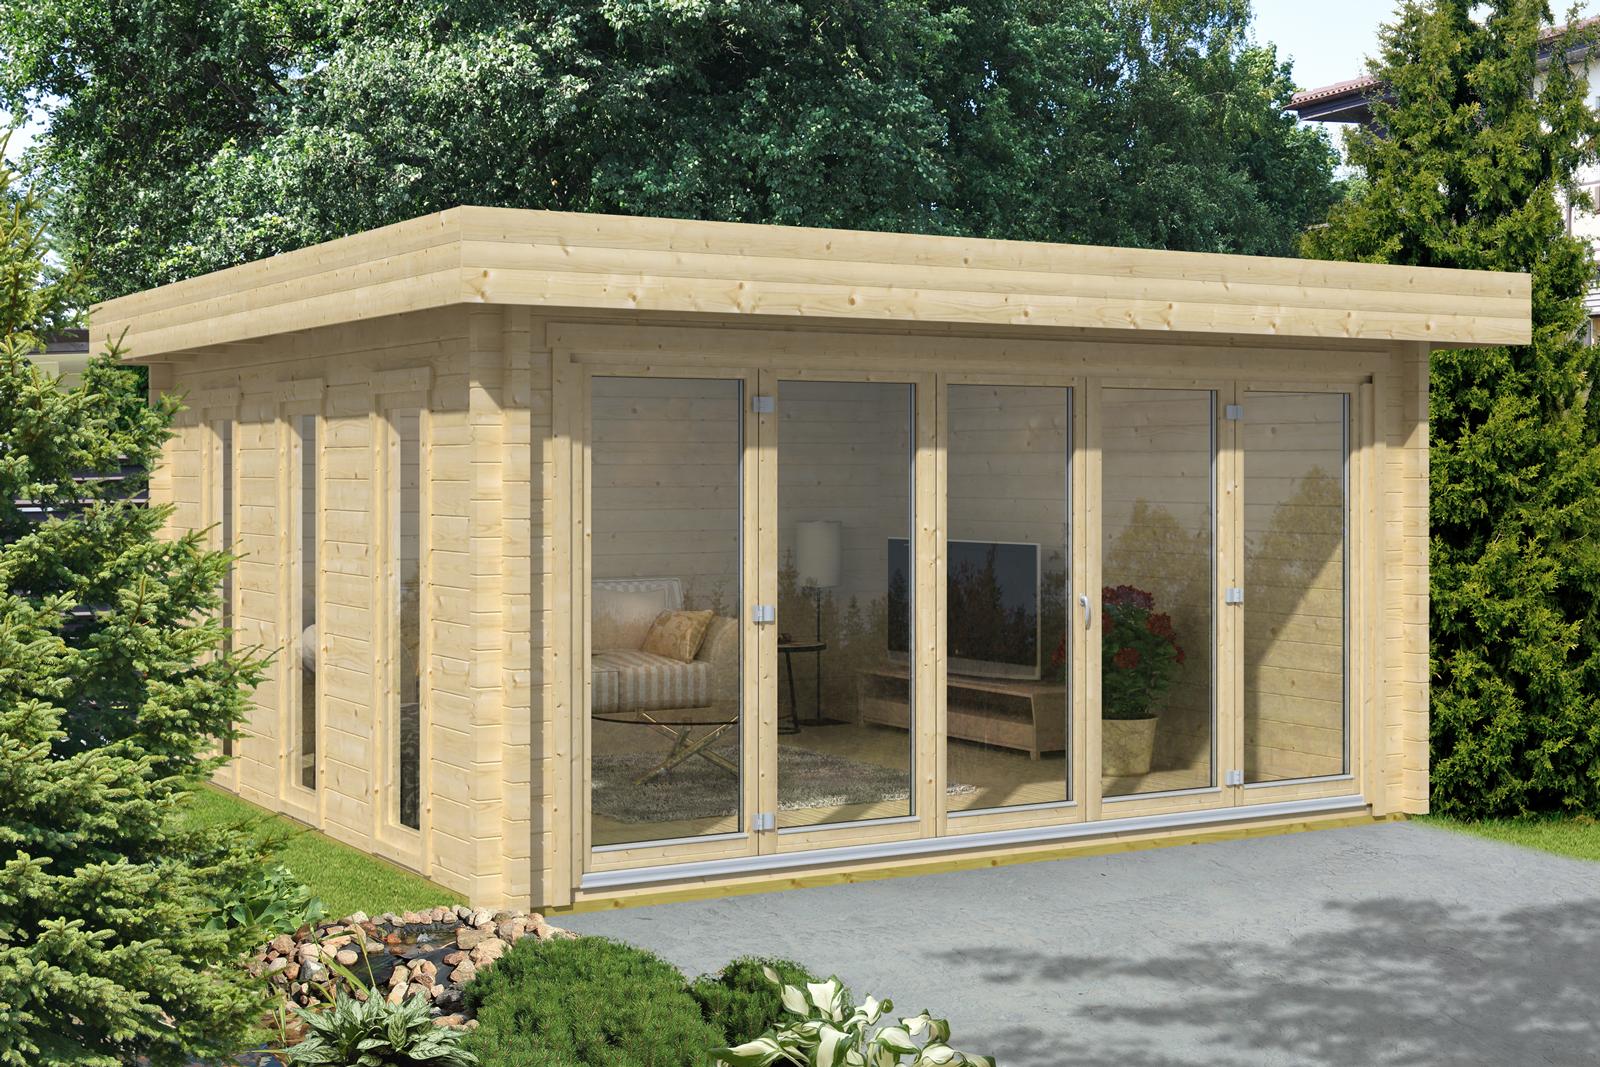 Gartenhaus almelo 70 premium gartenhaus almelo 70 premium - Dachrinnen kunststoff fur gartenhaus ...